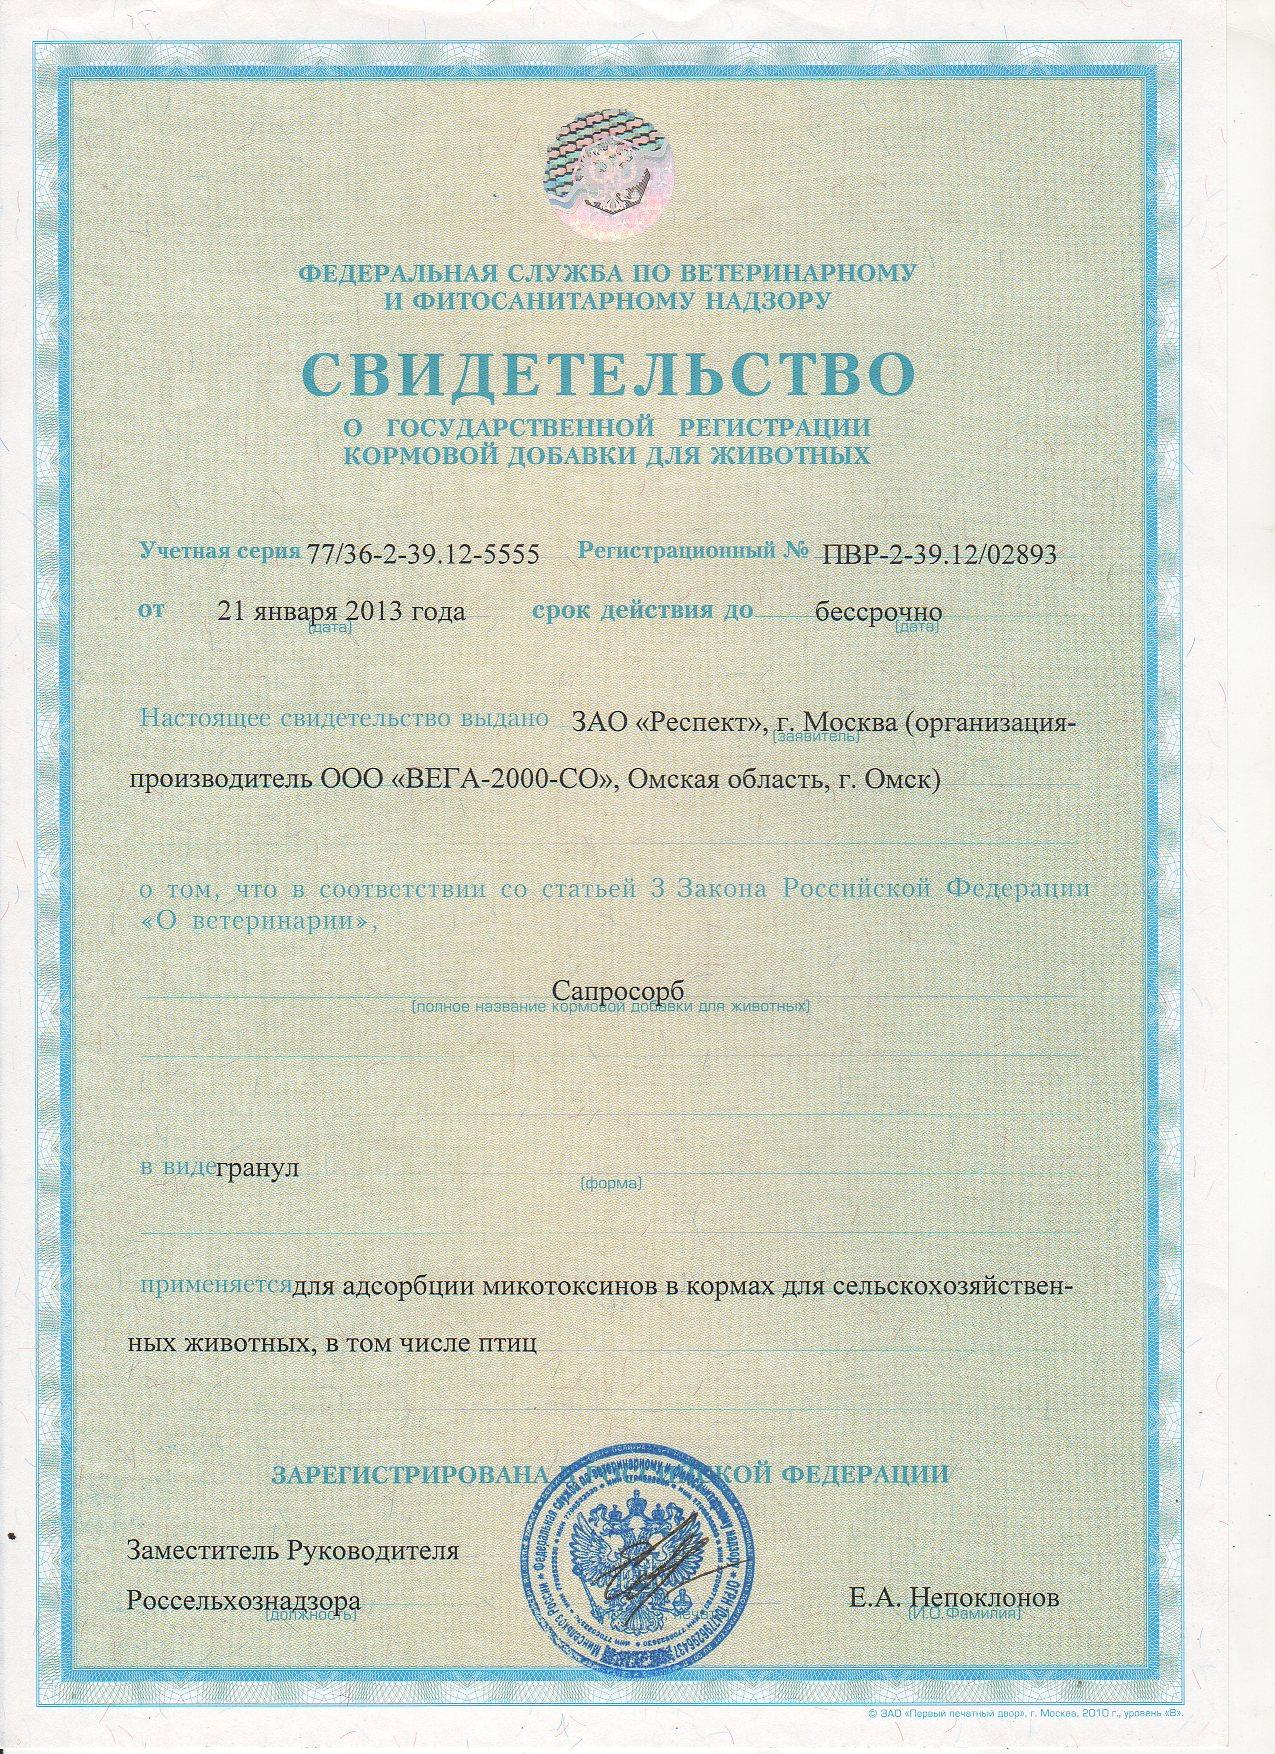 Свидетельство о государственной регистрации Сапросорб Saprosorb кормовой добавки сорбент / адсорбент для адсорбции микотоксинов в кормах для сельскохозяйственных животных, в том числе и птиц